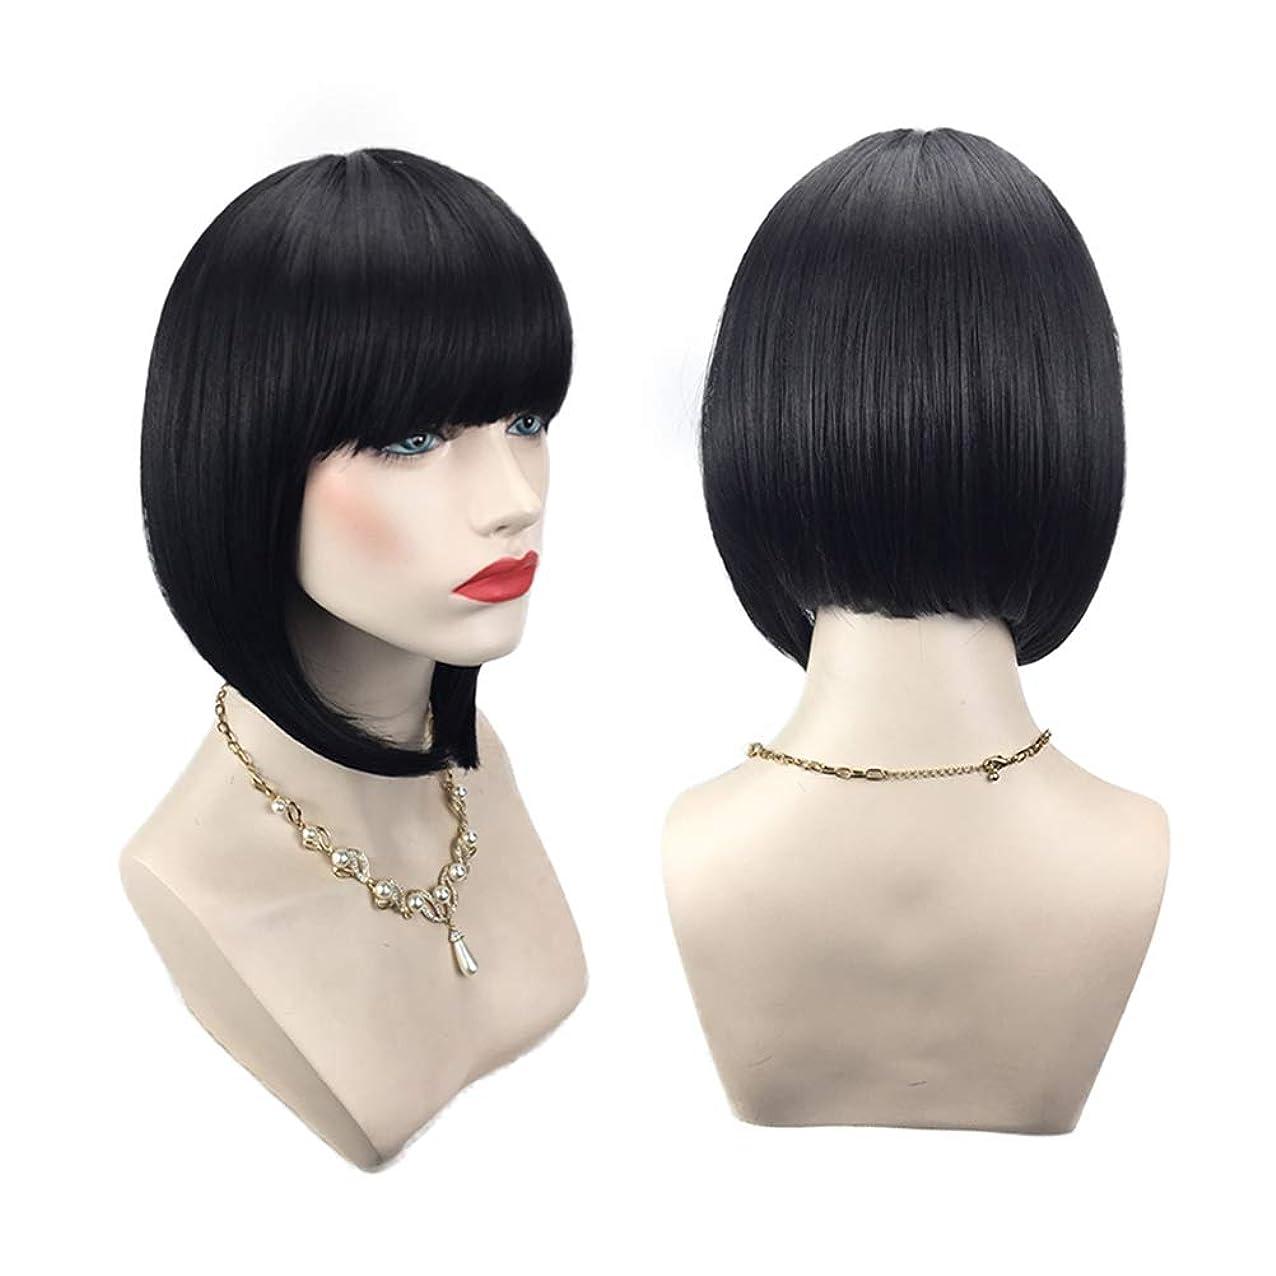 スマッシュファンドファックスヨーロッパとアメリカのスタイルの自然な絶妙な弾性ネットウィッグカバーを修復する女性の黒の短い髪のかつら顔